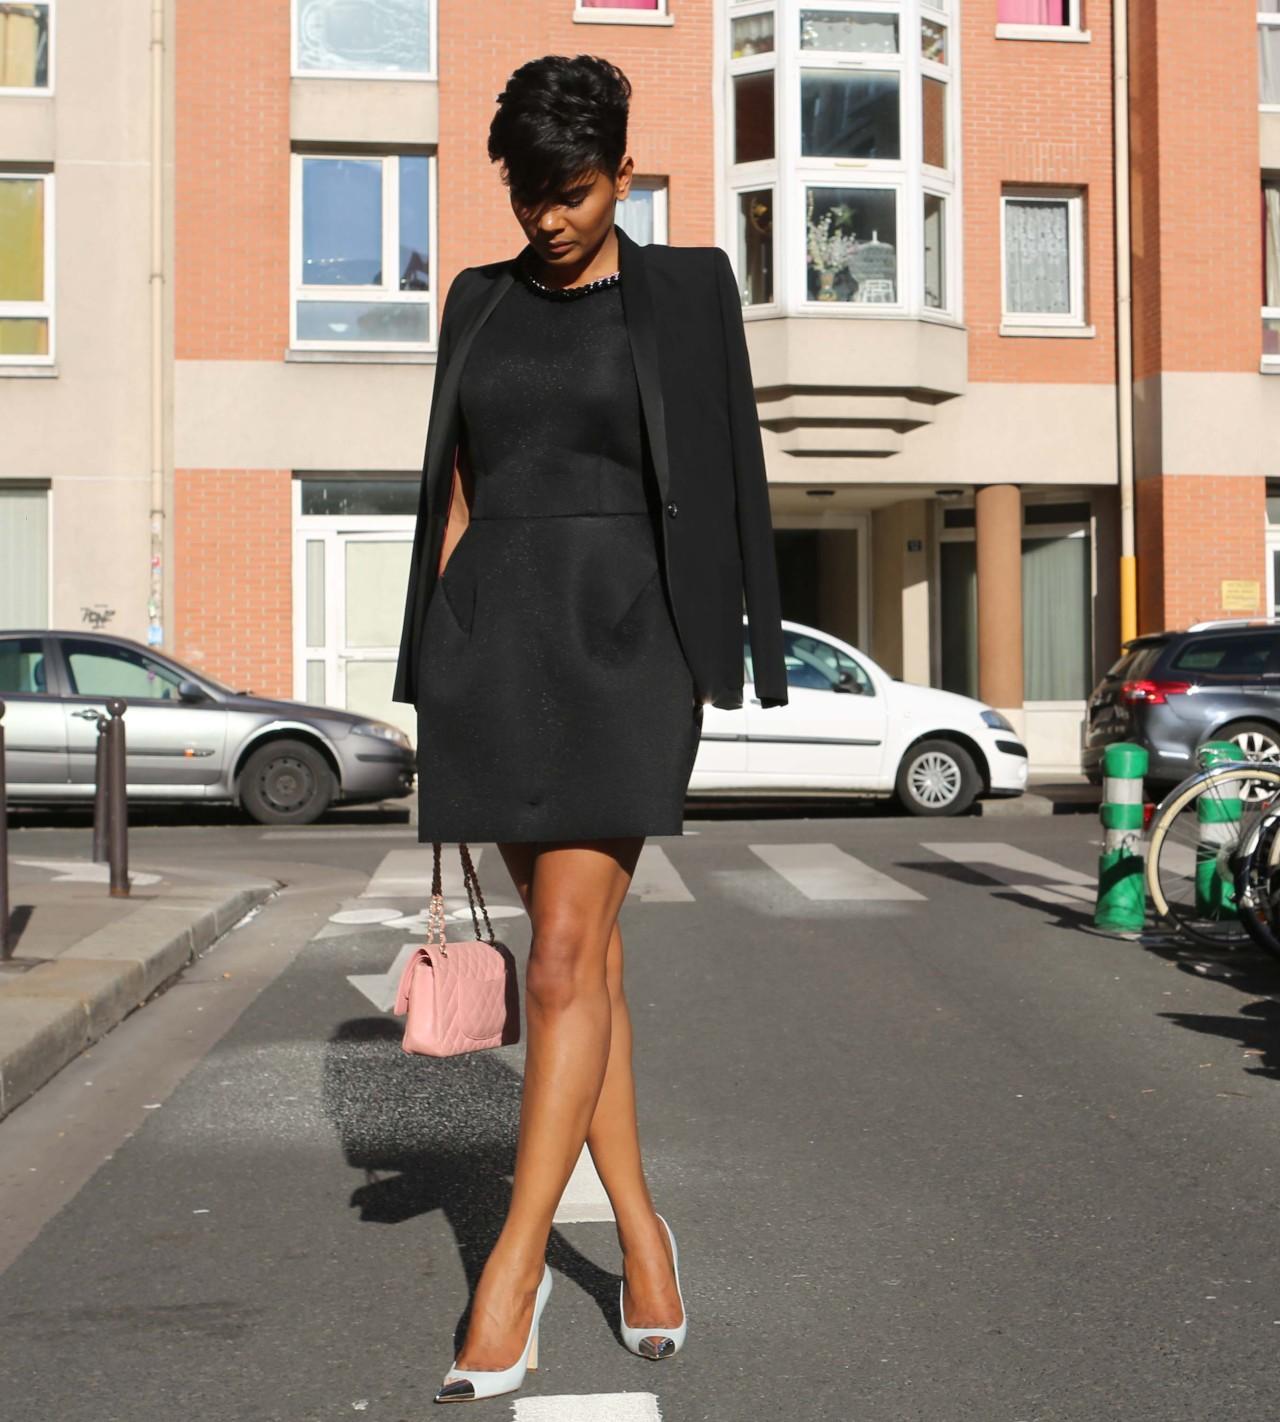 http://lesconseilsdescheena.blogspot.fr